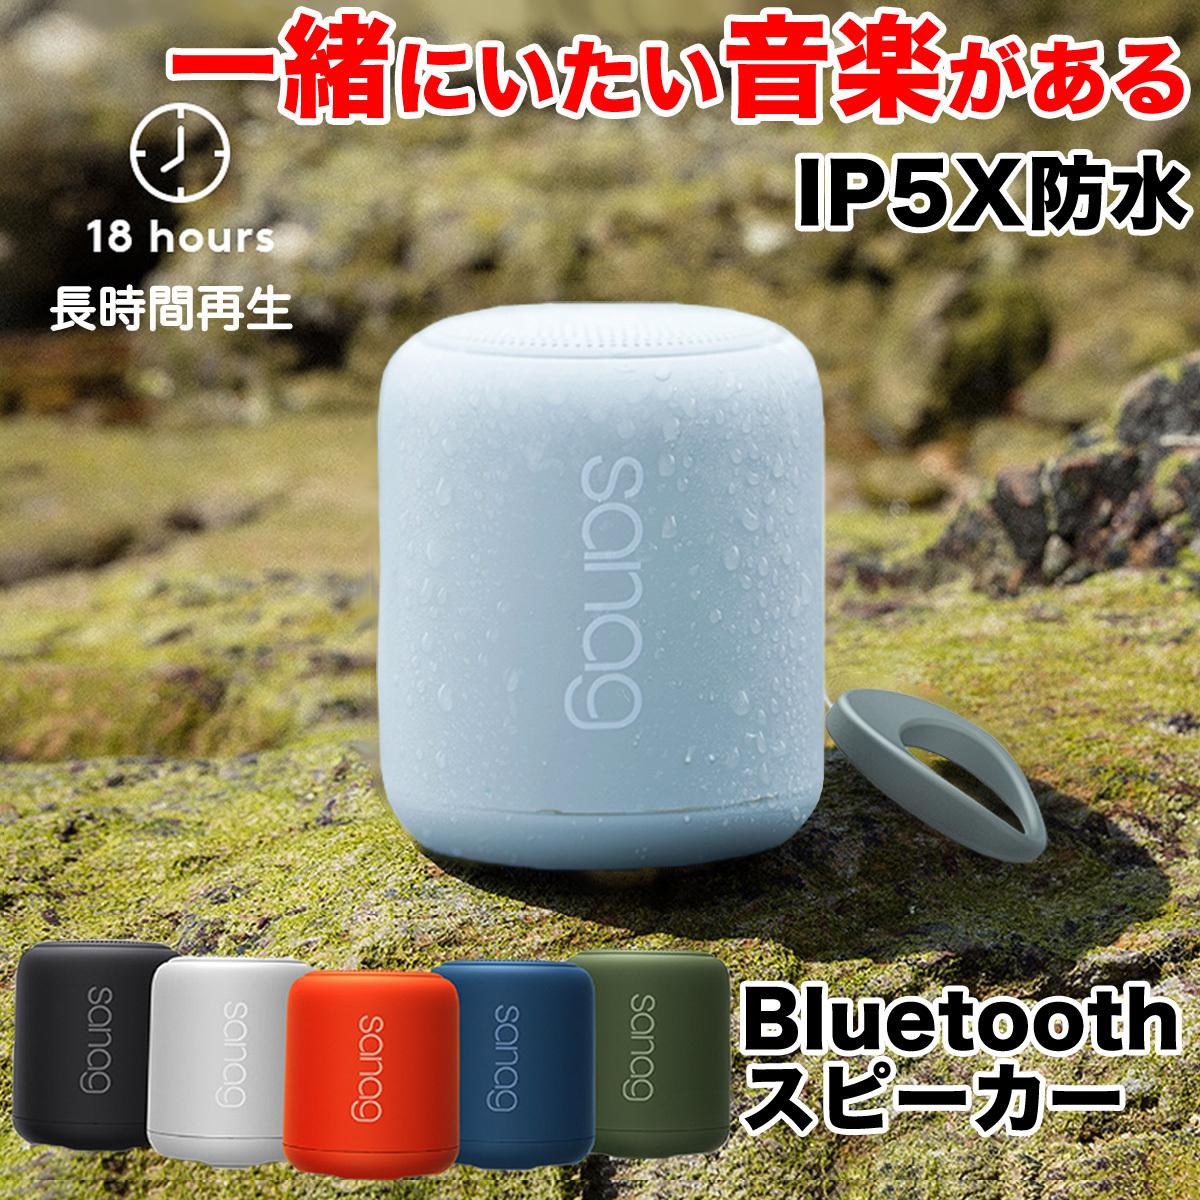 ブルートゥース スピーカー bluetooth5.0 アウトドアに最適 ワイヤレス 防水スピーカー bluetooth 防水 小型 新作製品、世界最高品質人気!  大音量 高音質 iphone 5.0 ハンズフリー IP45 スマートフォン各種対応 車 PC 重低音 送料無料カード決済可能 おしゃれ アウトドア